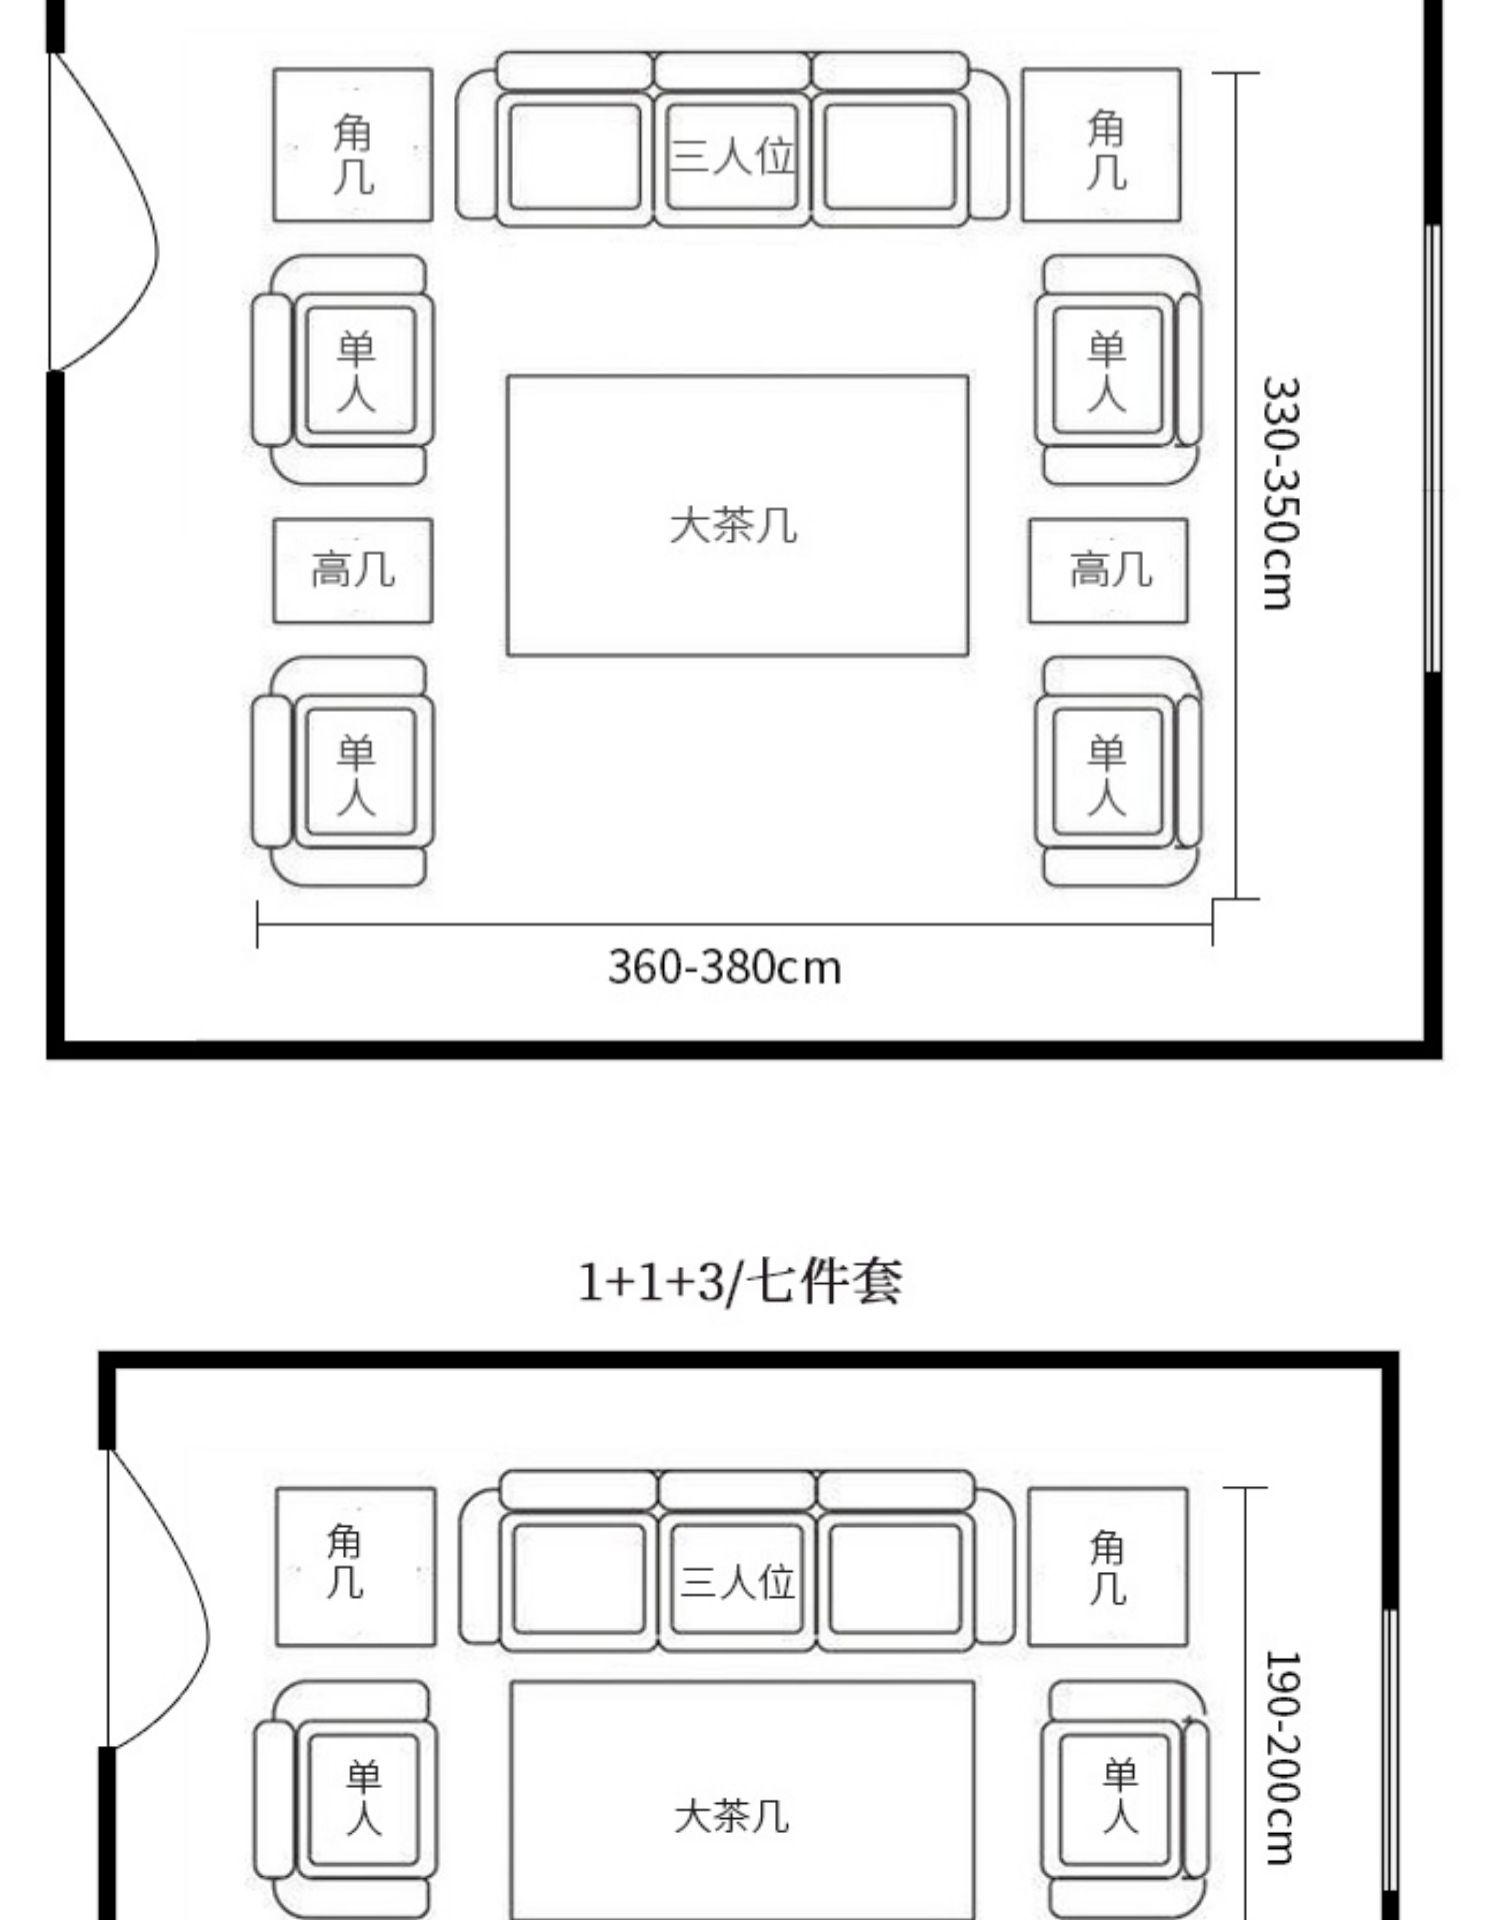 红木刺猬紫檀象头实木沙发非洲花梨木客厅新中式傢俱古典财源滚滚详细照片